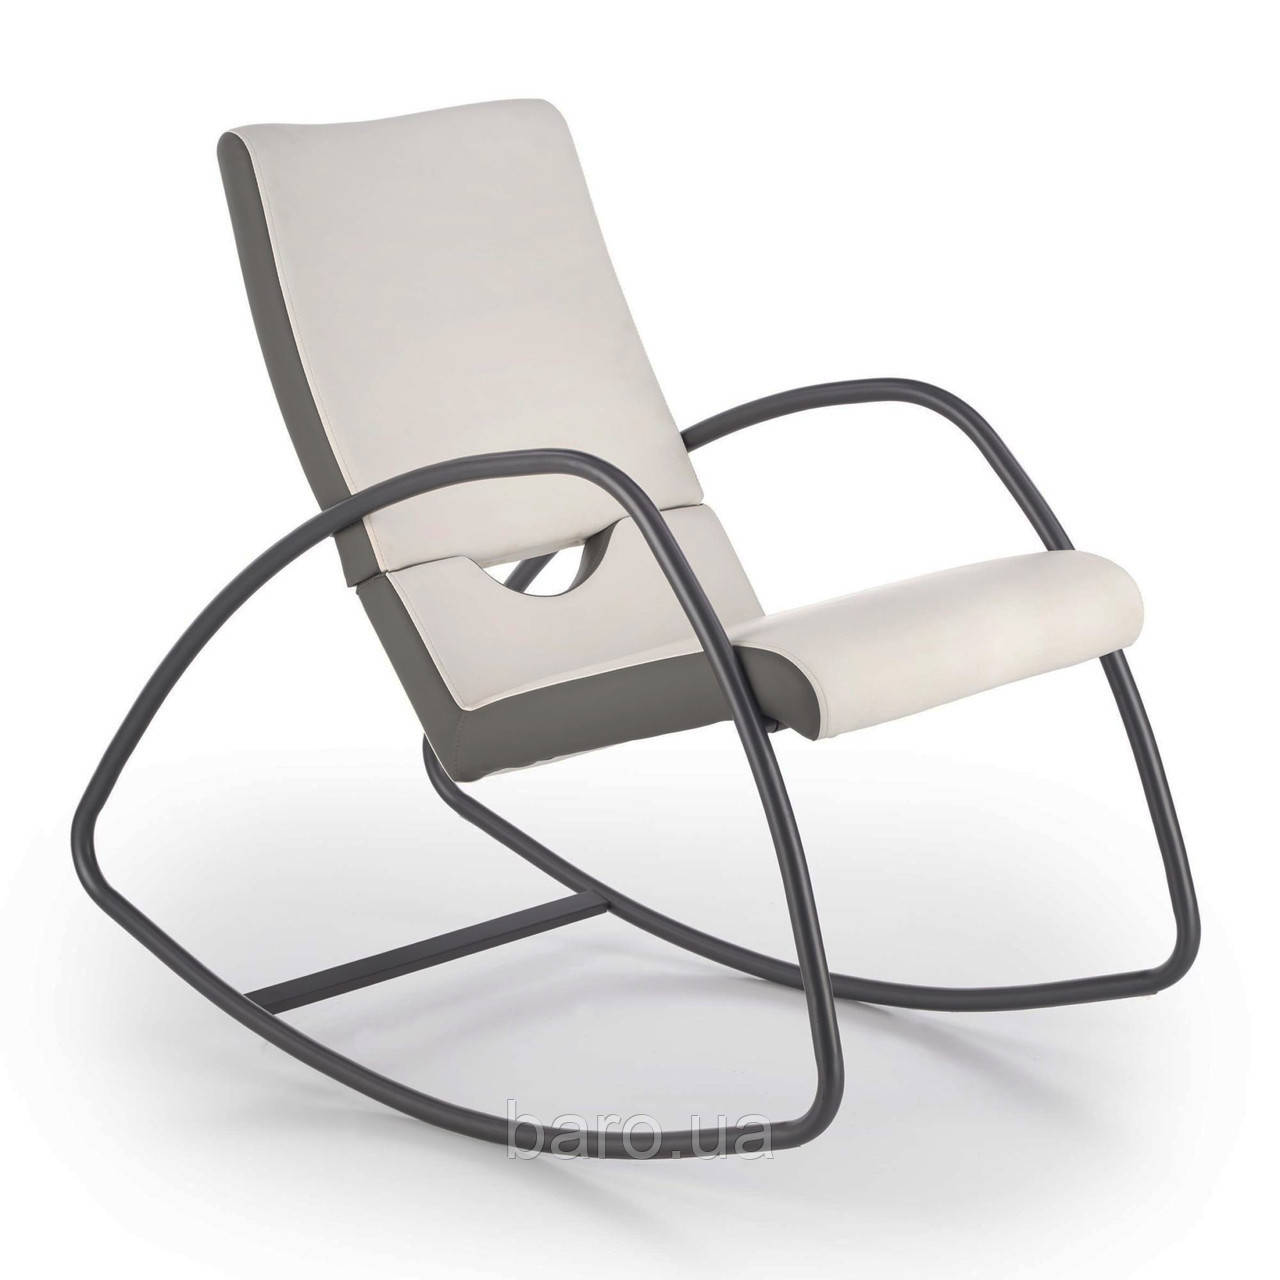 Кресло-качалка Balance (Баланс) серо-белый, экокожа, Halmar